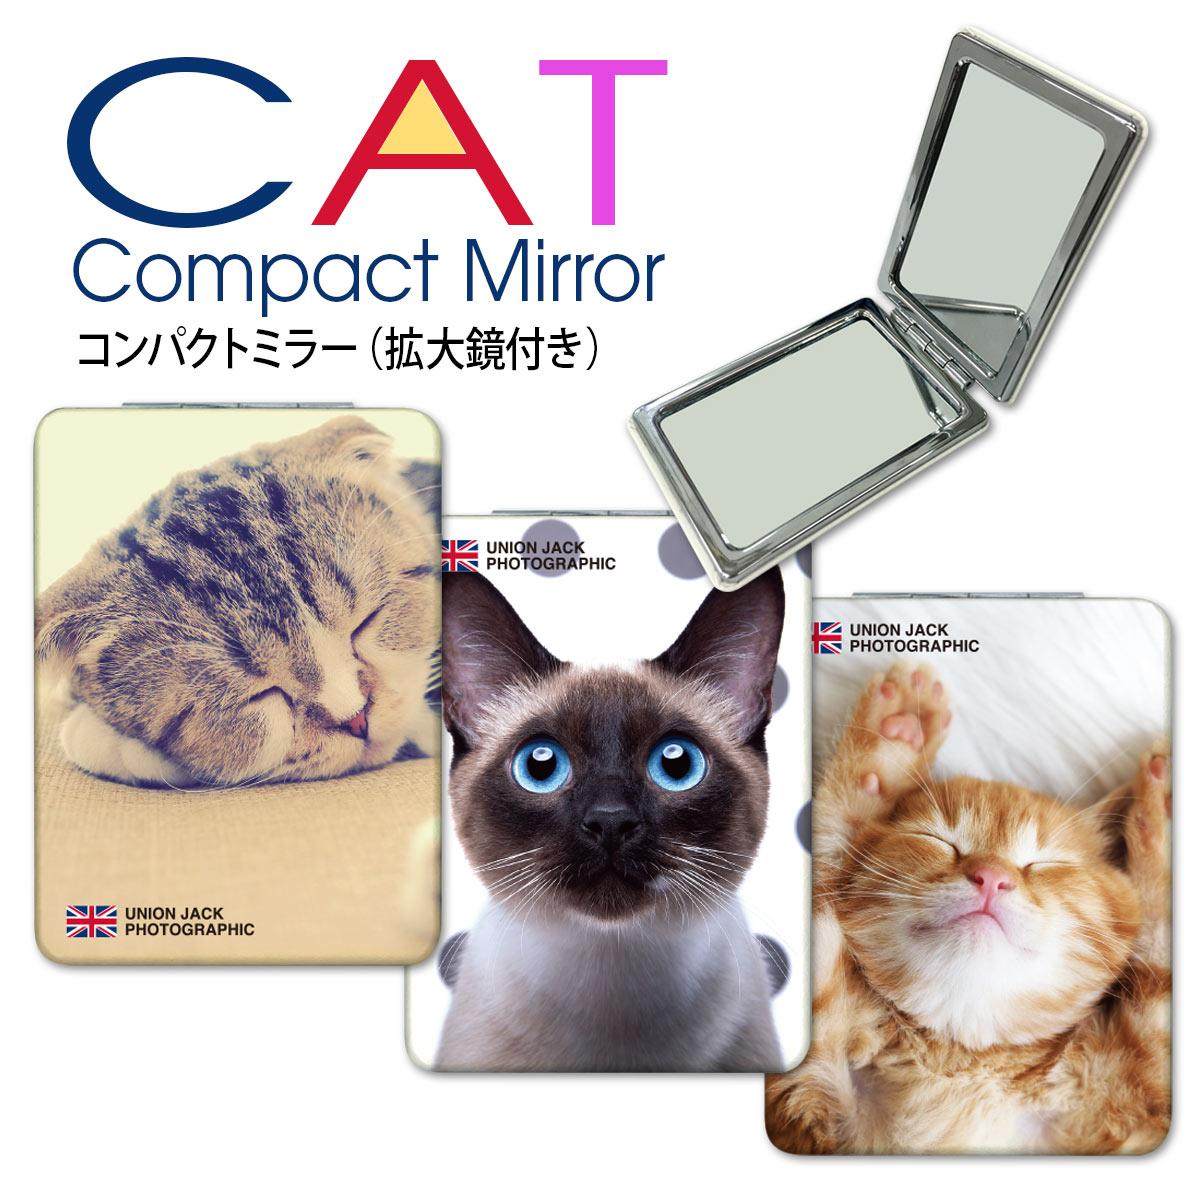 手鏡 コンパクトミラー ハンドミラー 拡大鏡付 ...の商品画像